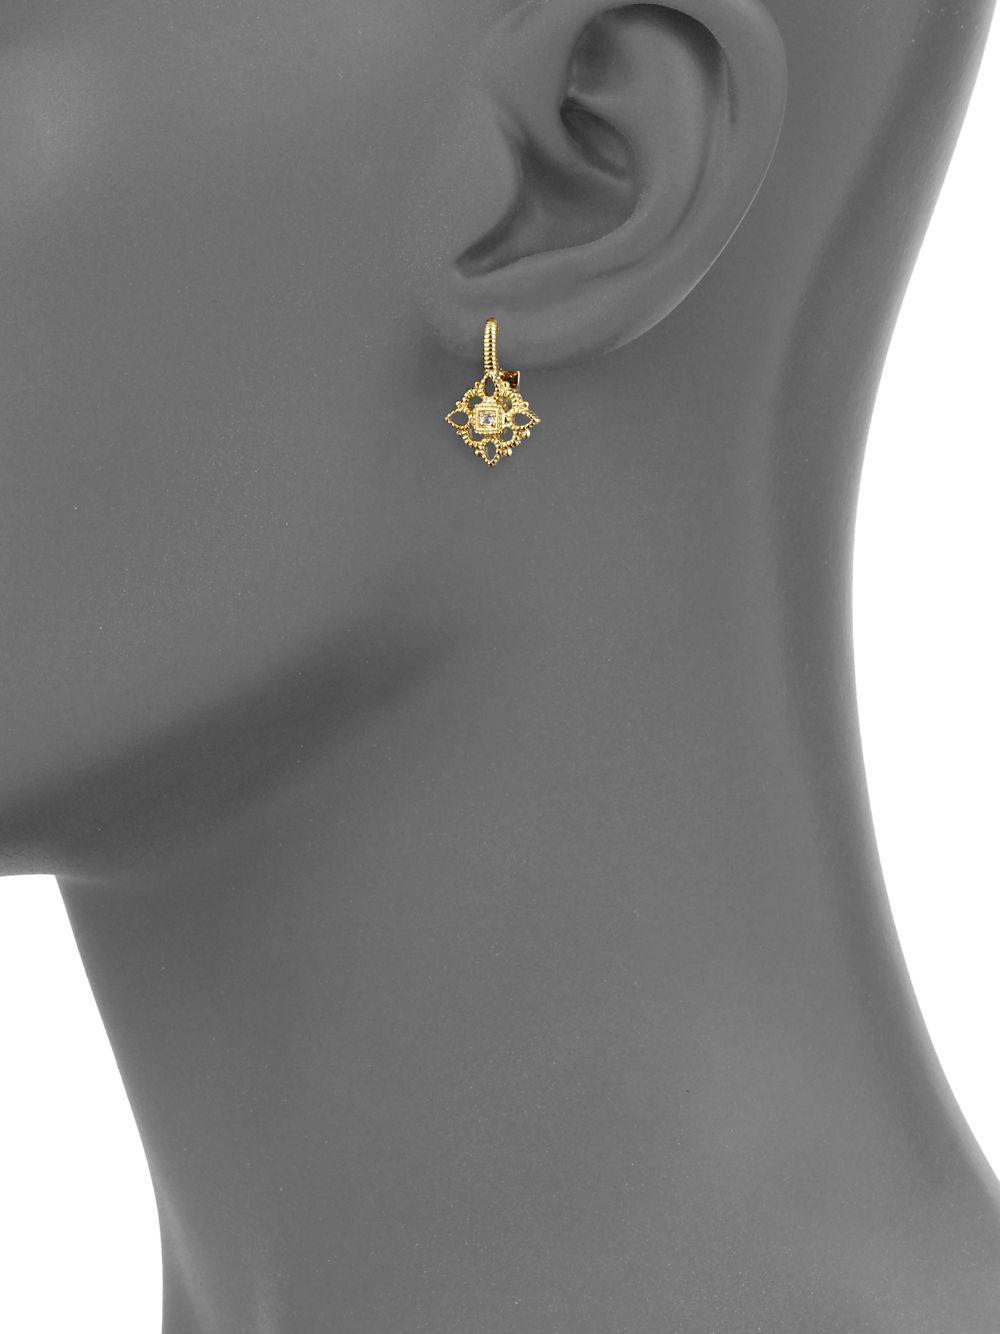 Sterling Silver Leverback Earrings Lyst View Fullscreen